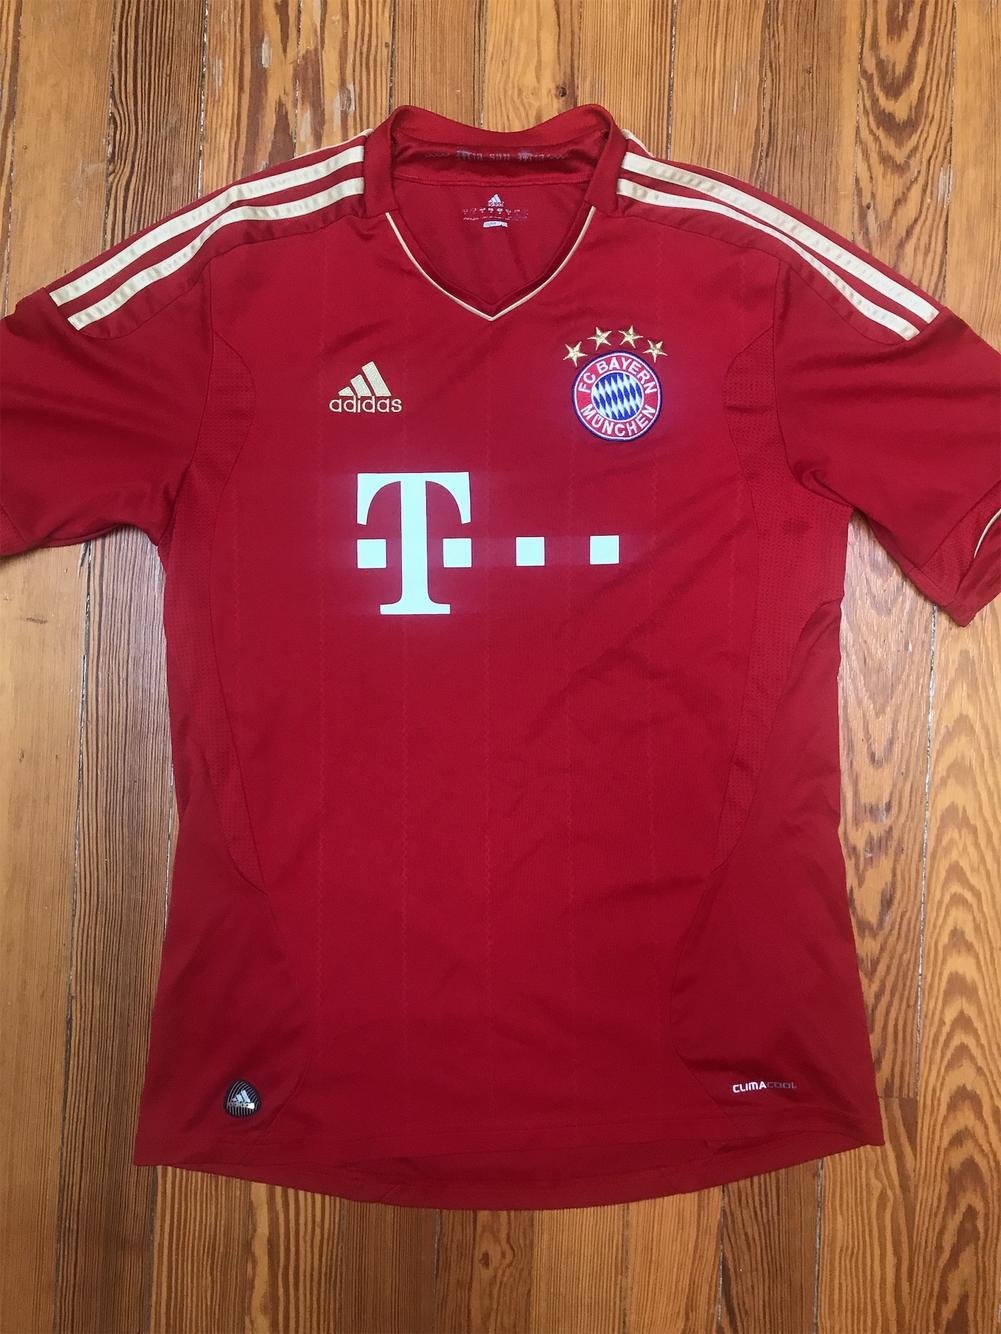 Adidas FC Bayern Munich Jersey